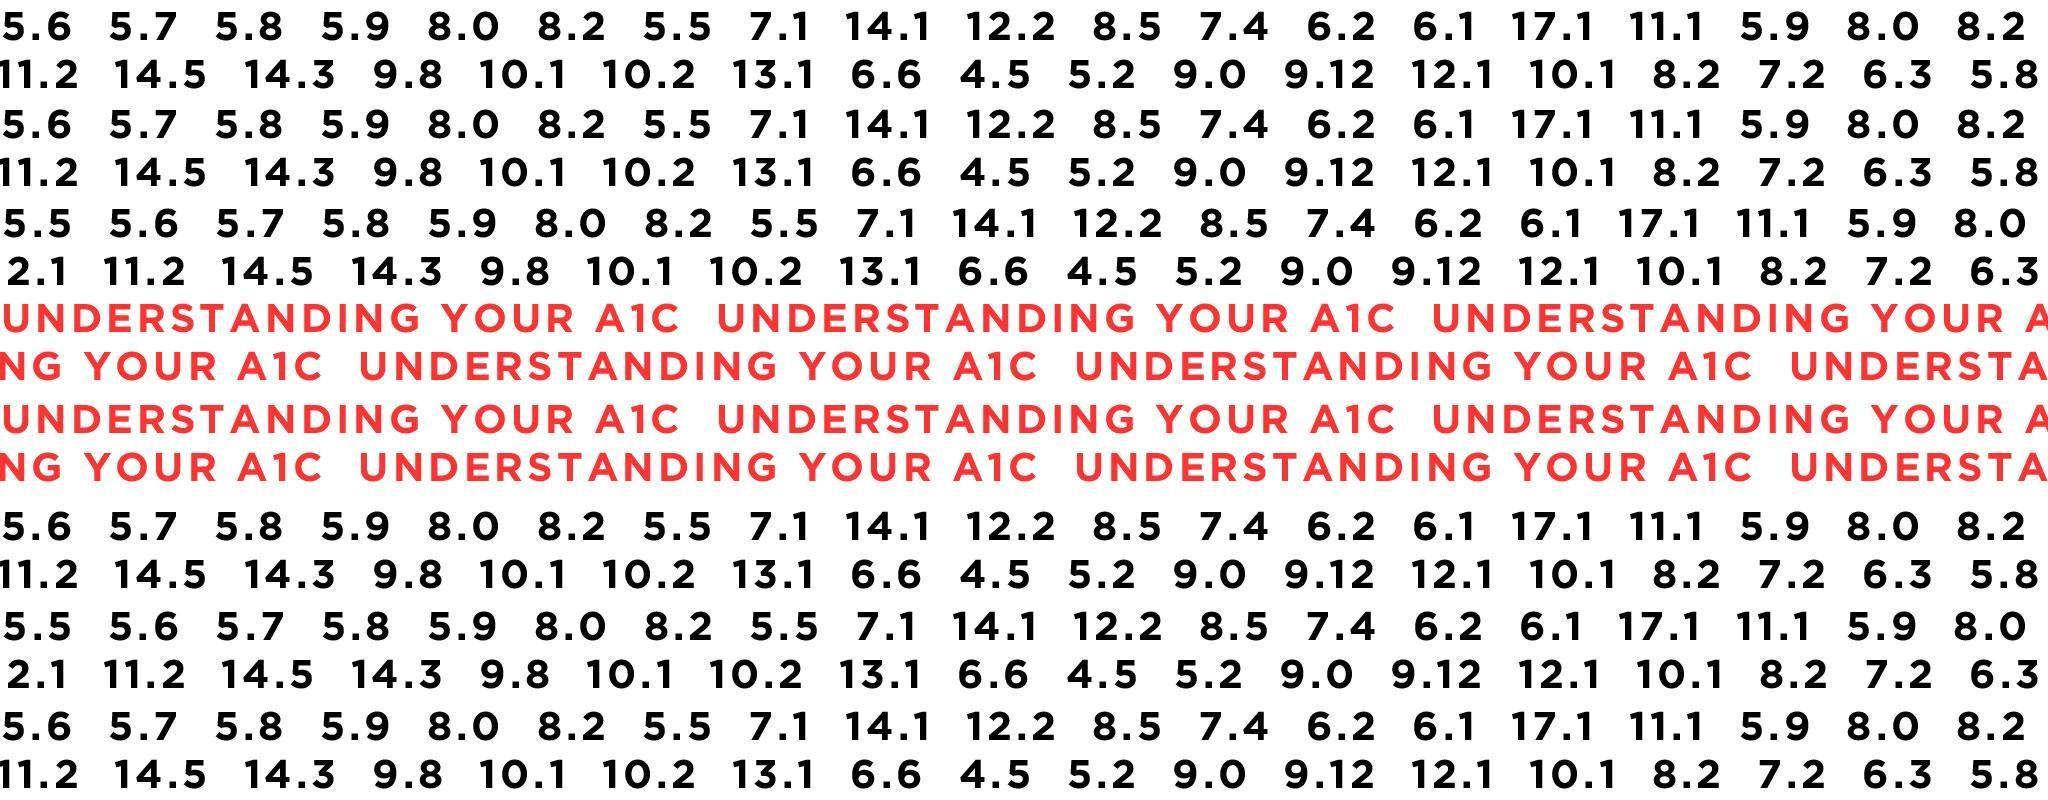 Understanding Your A1c